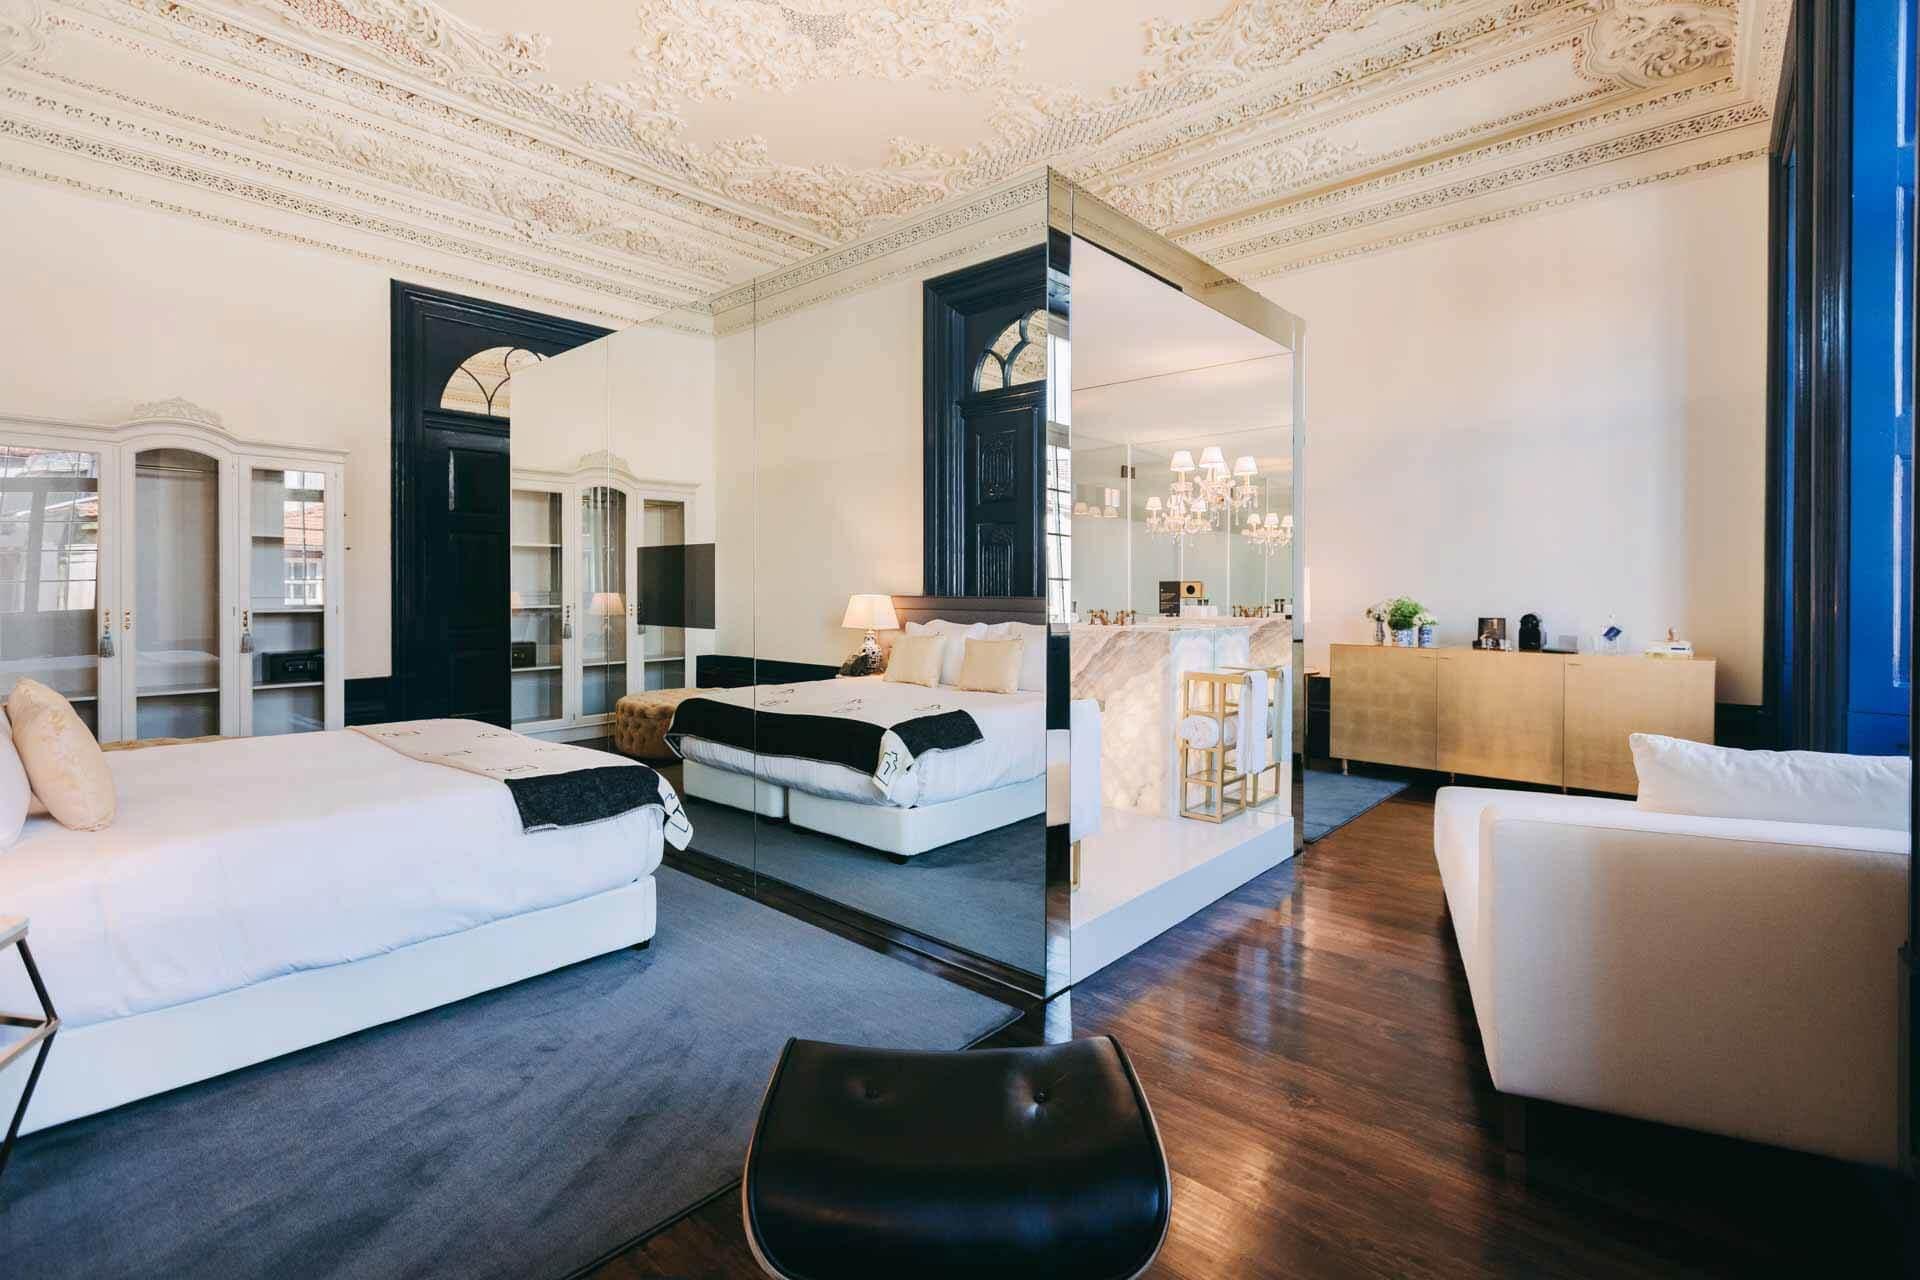 Histoire et modernité se mêlent dans les vastes chambre du Torel Palacio © Torel Palacio Porto